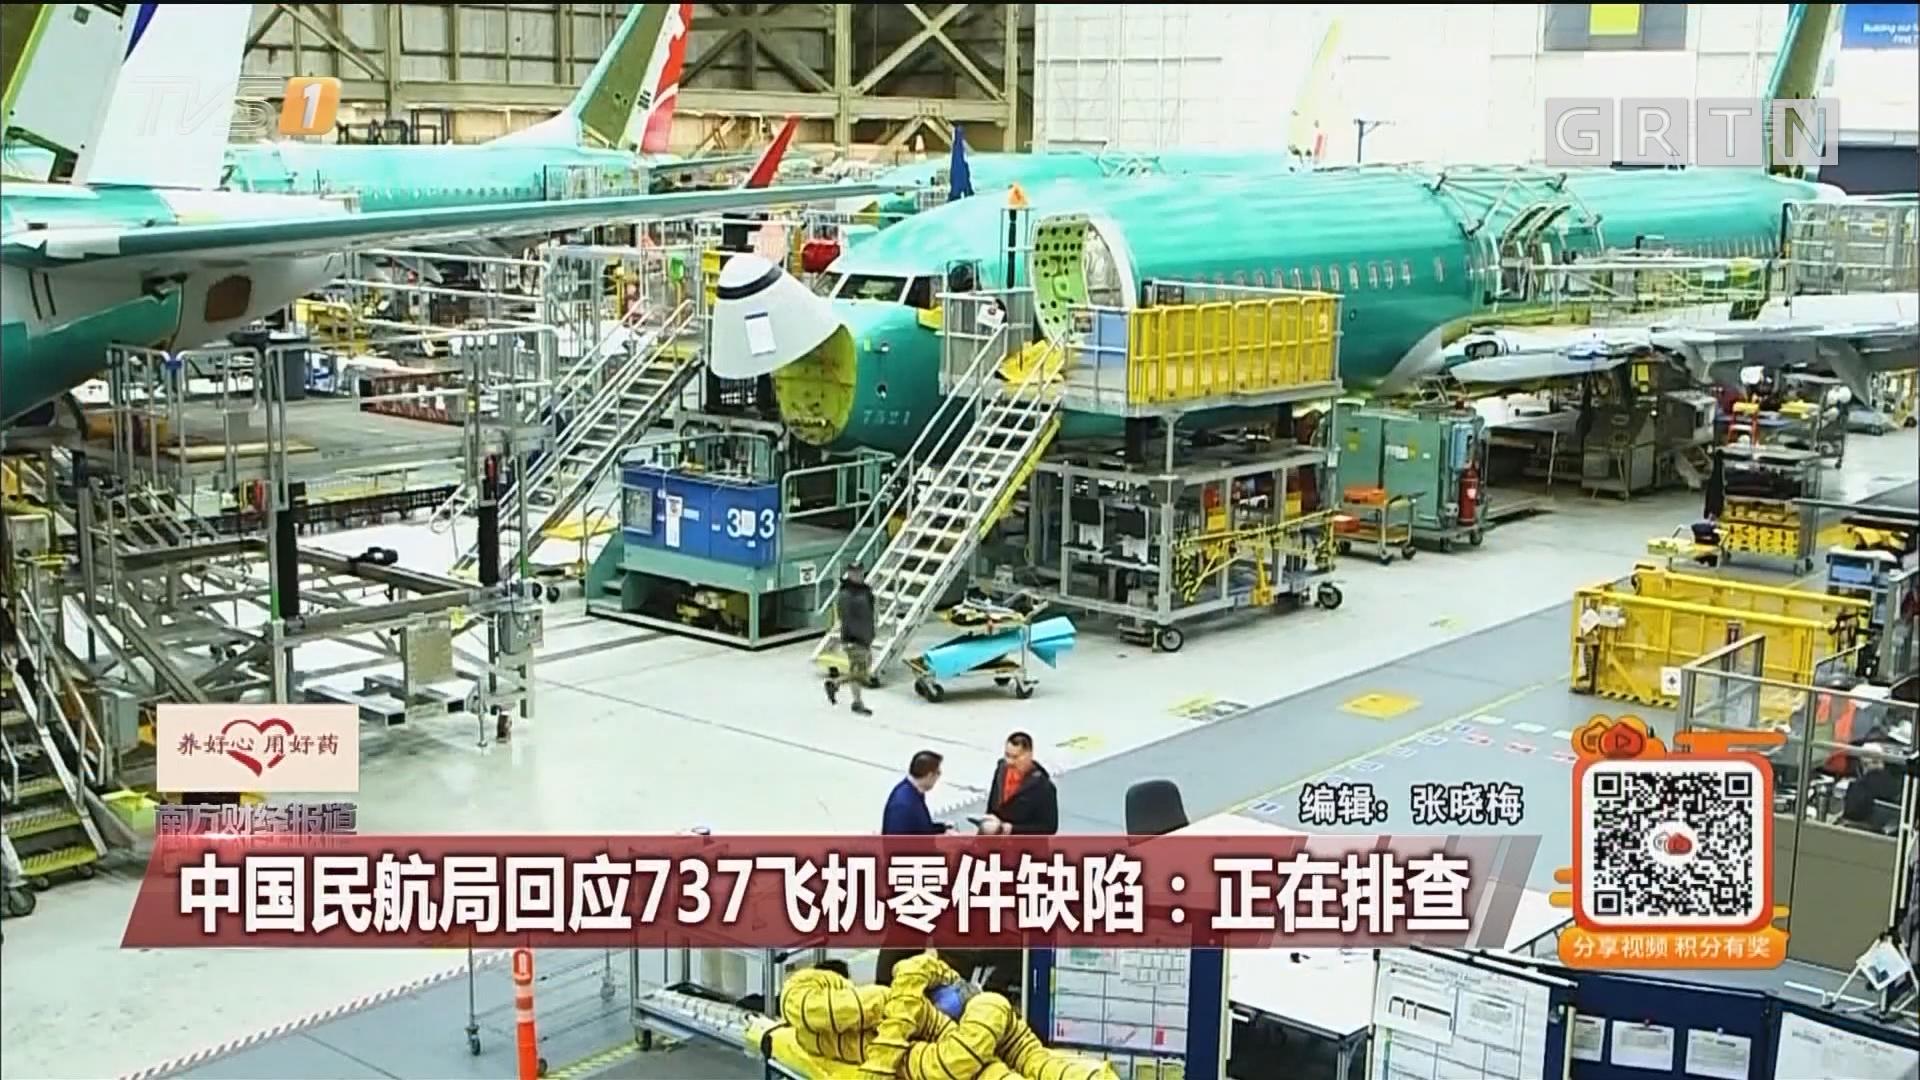 中国民航局回应737飞机零件缺陷:正在排查